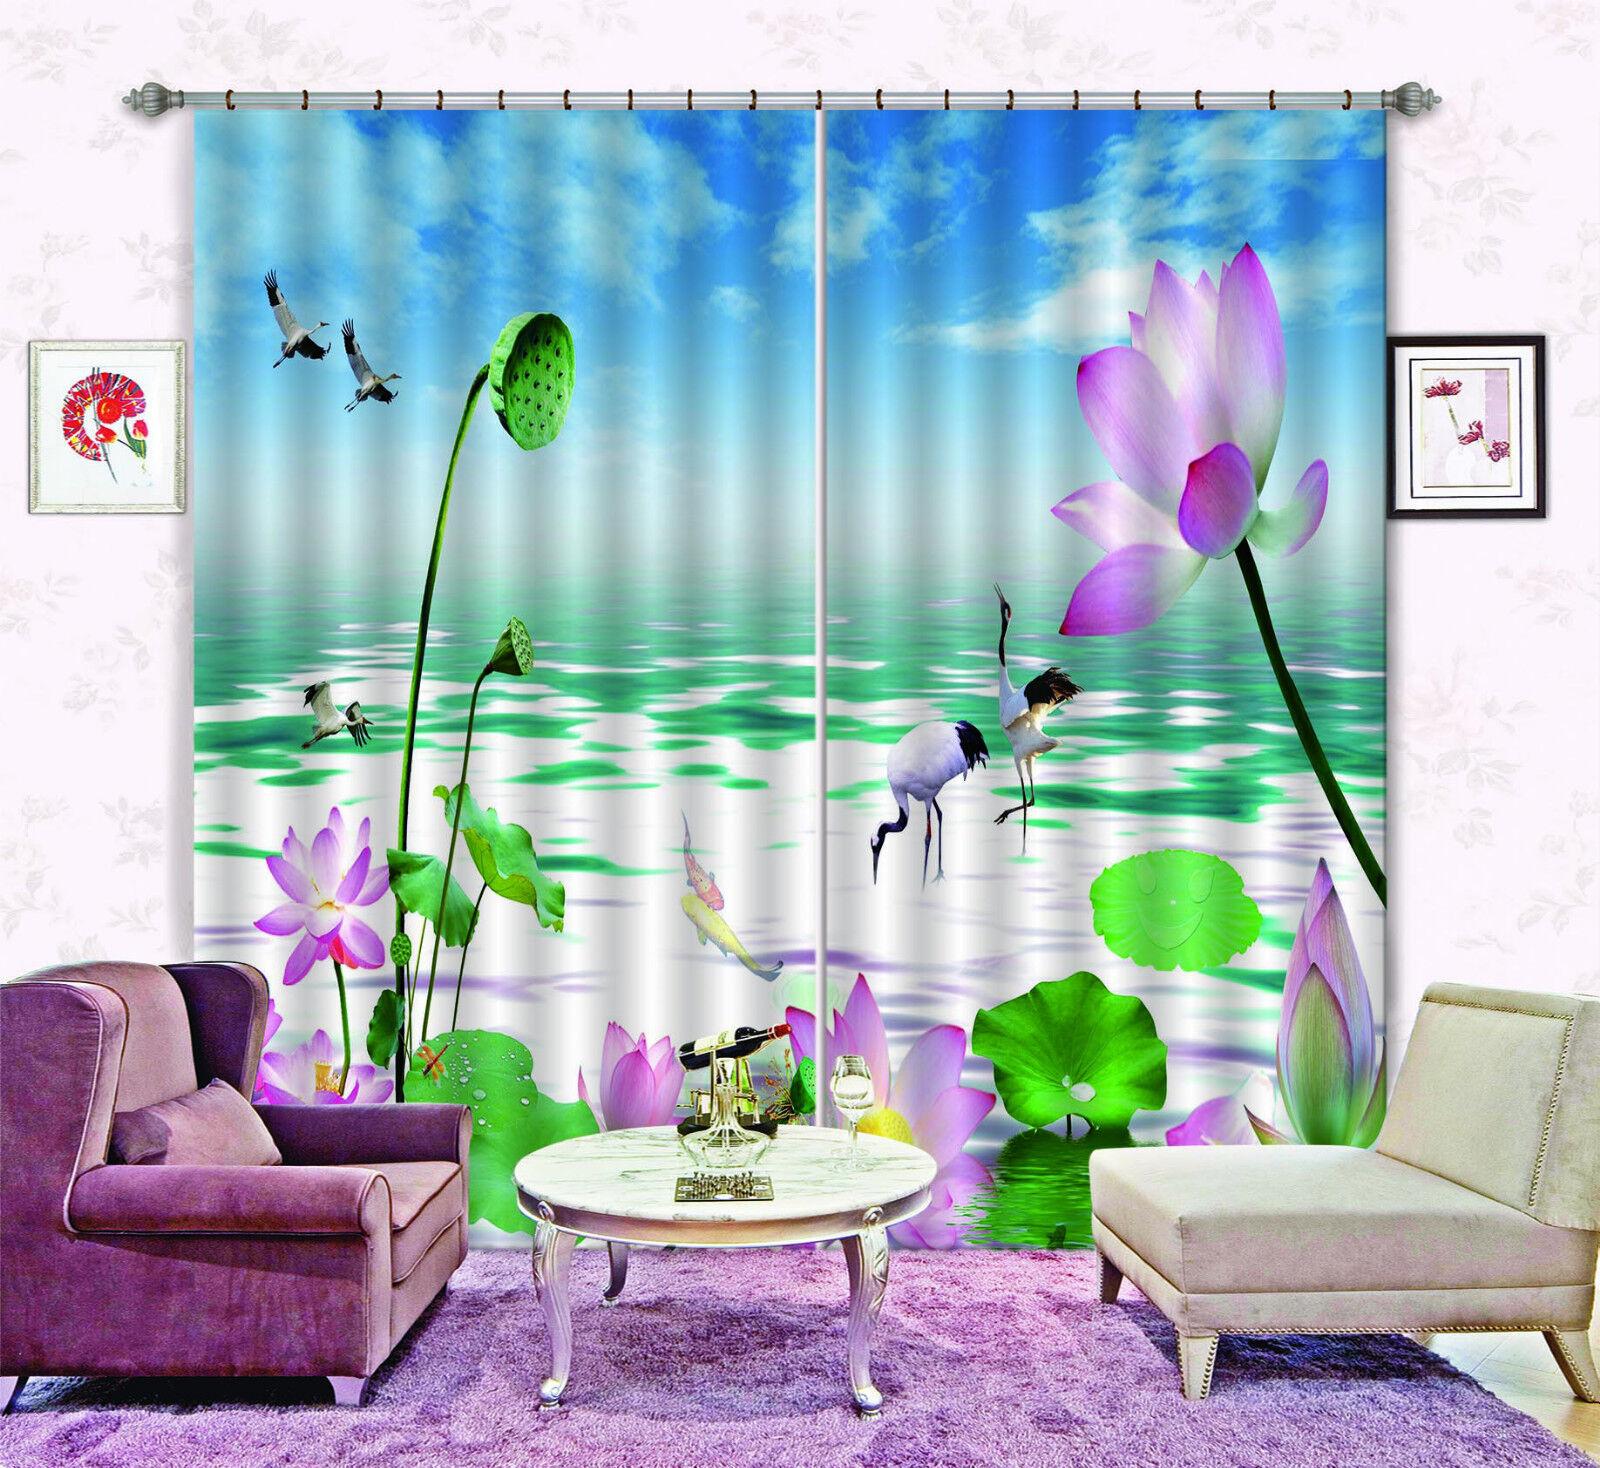 3d Lotus y grúa bloqueo foto cortina cortina de impresión sustancia cortinas de ventana